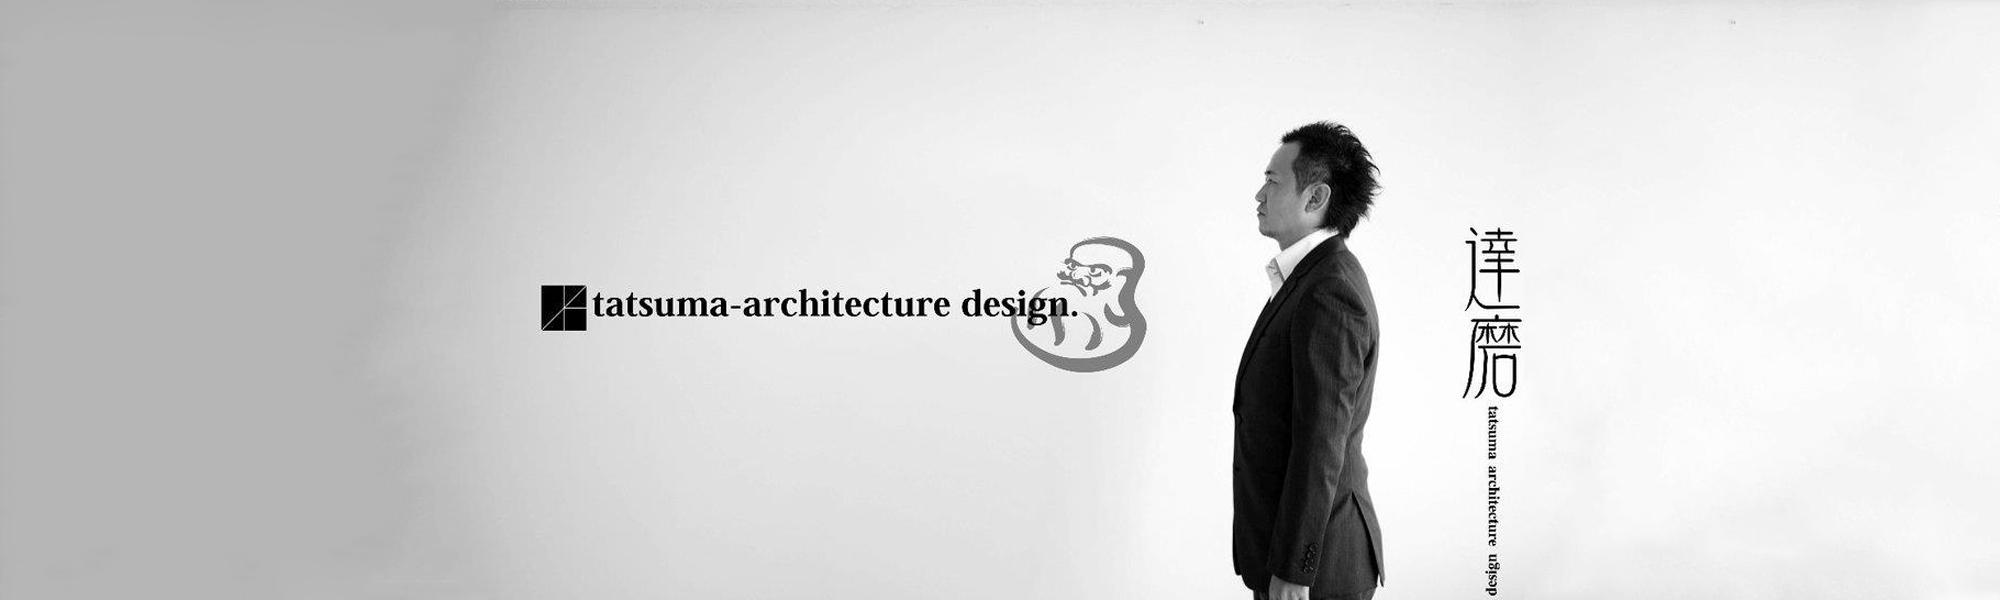 坂田達磨はタツマ アーキテクチャ デザインの住宅デザイナーです